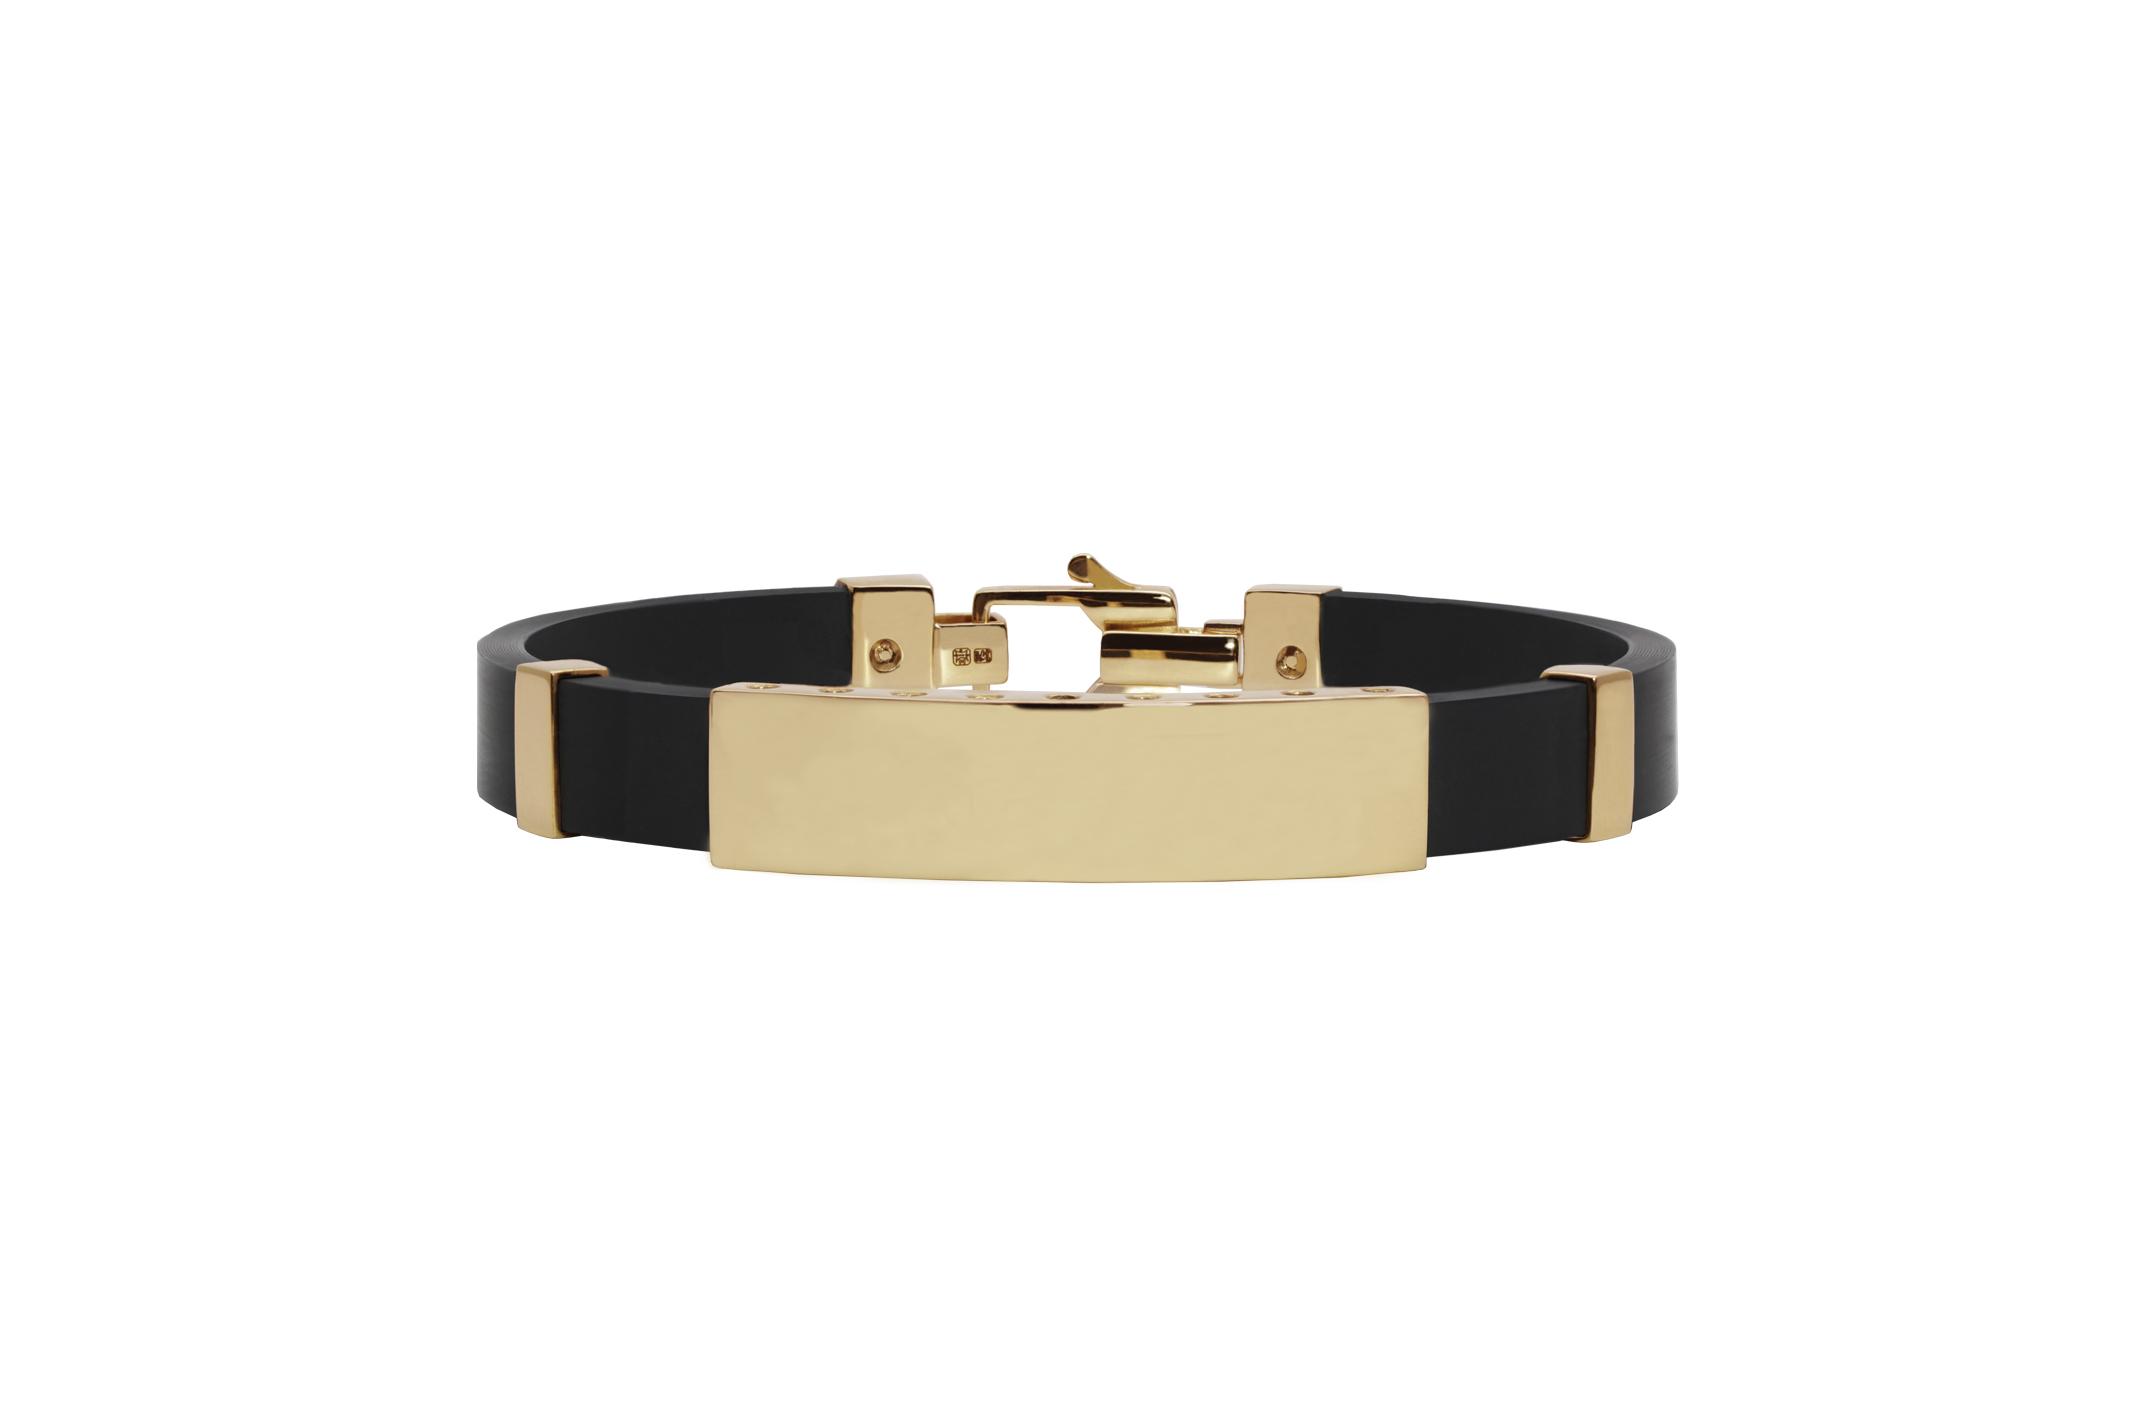 Joia: bracelet;Material: ouro 19.25 kt;Peso: 18.8 gr;Cor: amarelo;Medida Largura: 1.0 cm;Media Comprimento: ajustável a pedido;Género: homem